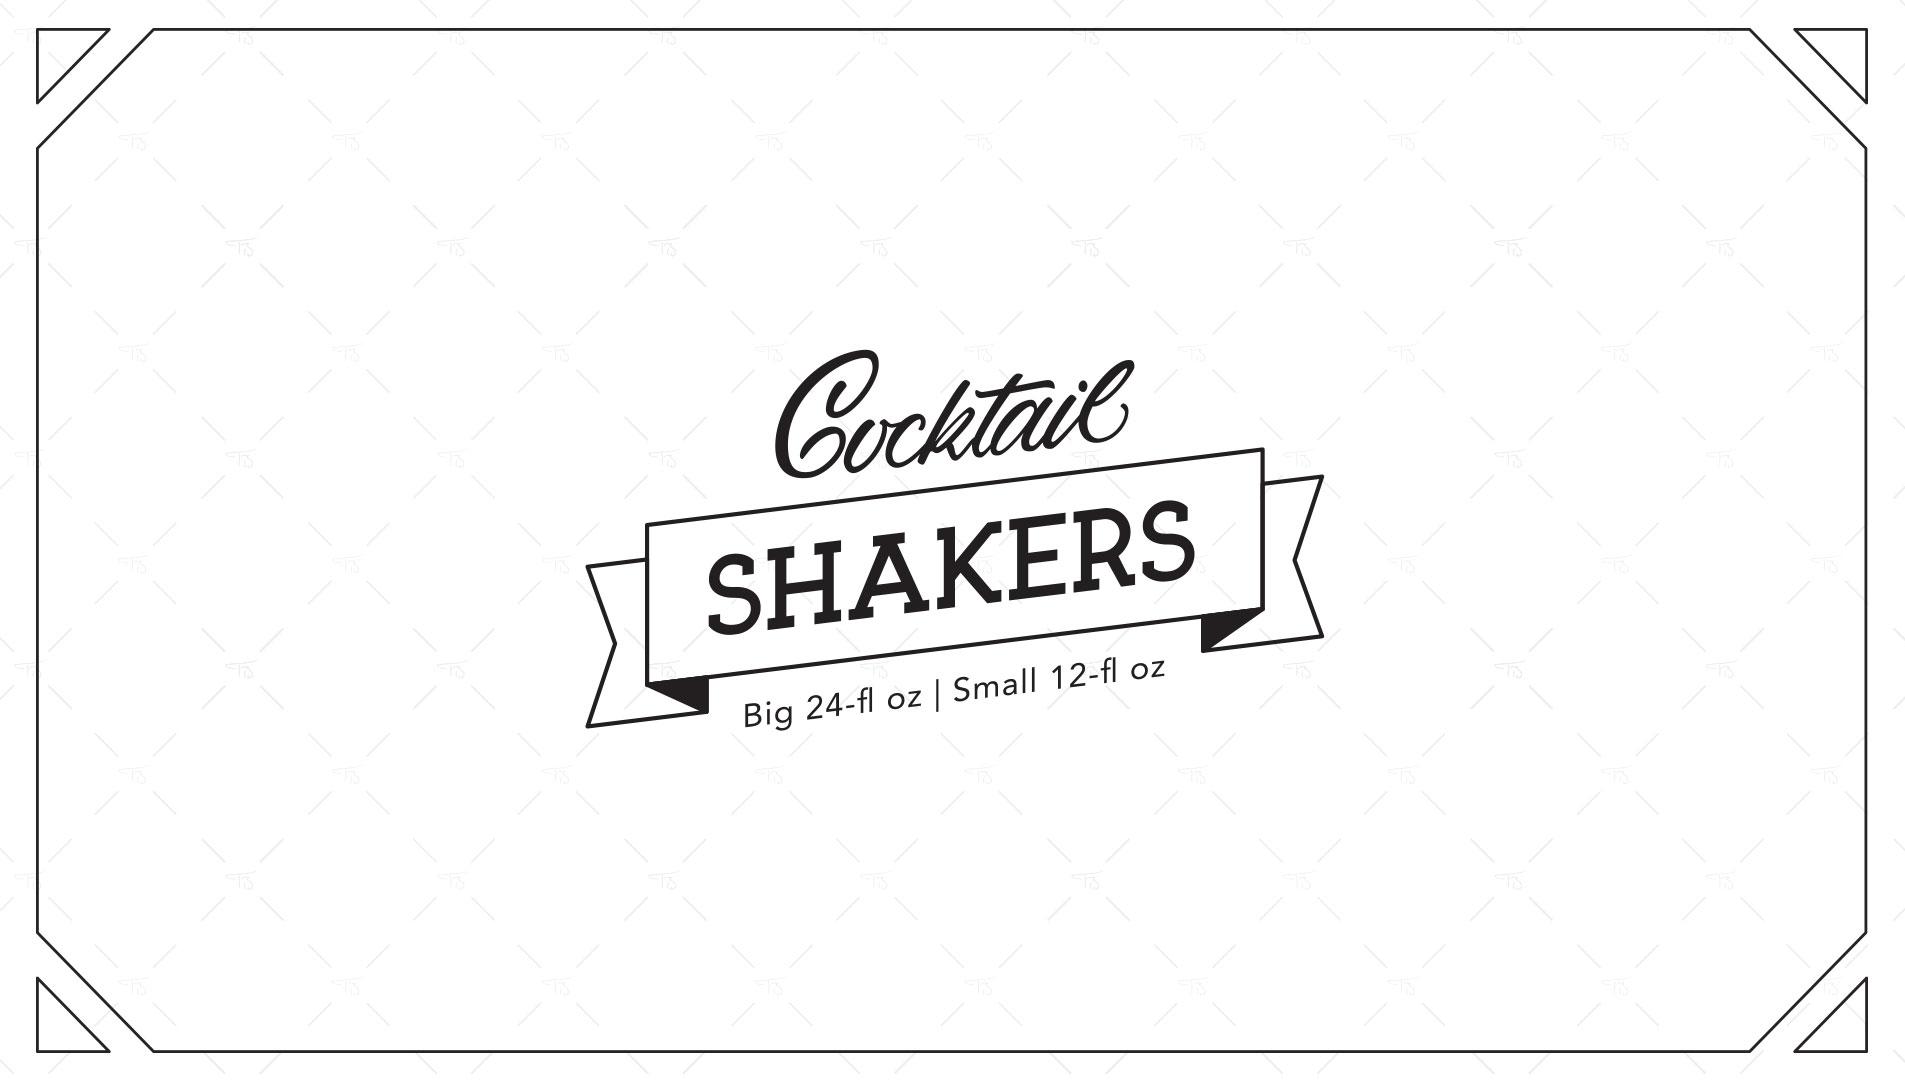 web design hk trendybartender slideshow 01